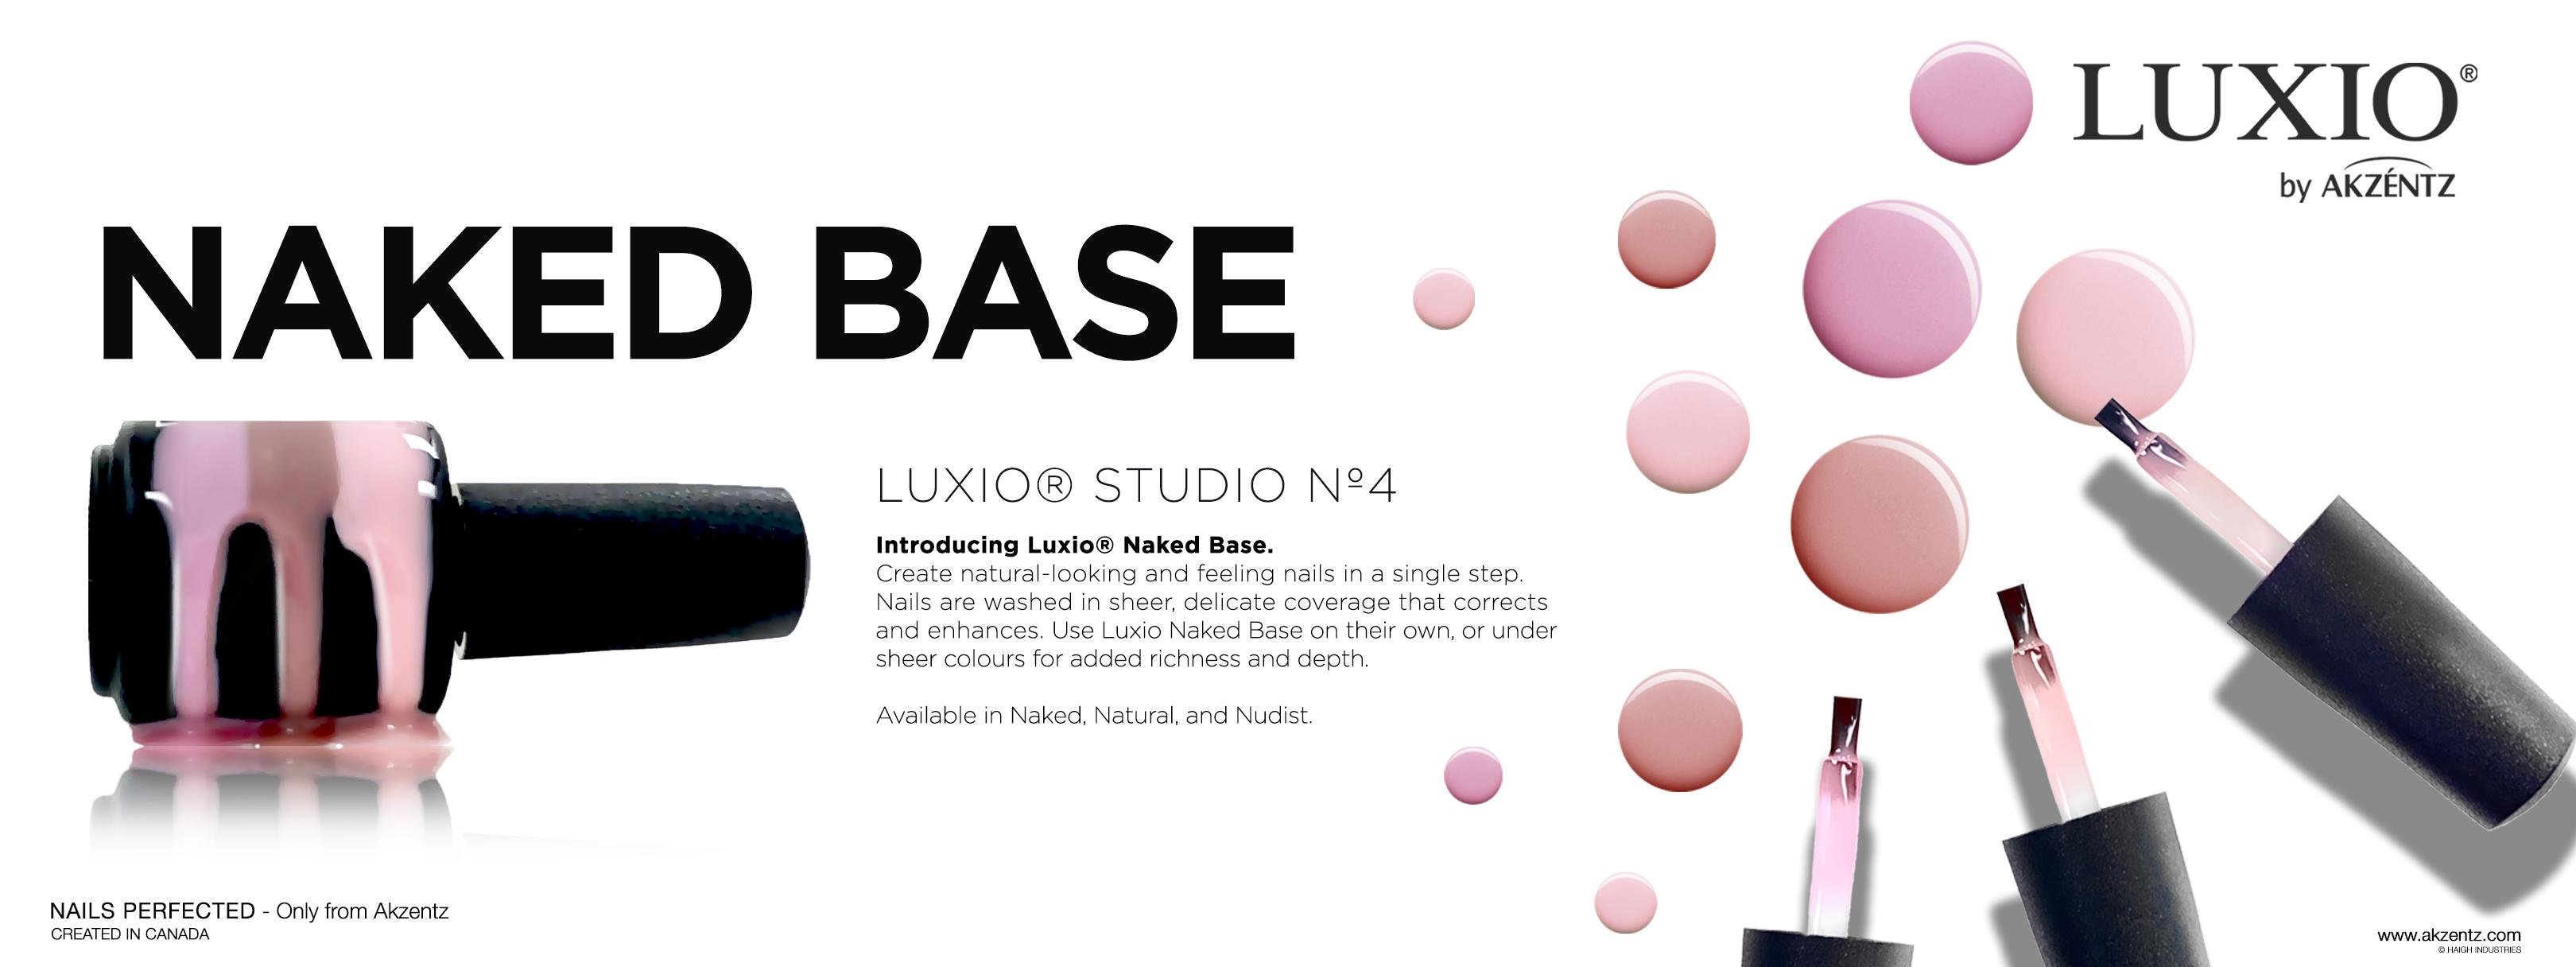 luxio-nakedbase-banner2.jpg